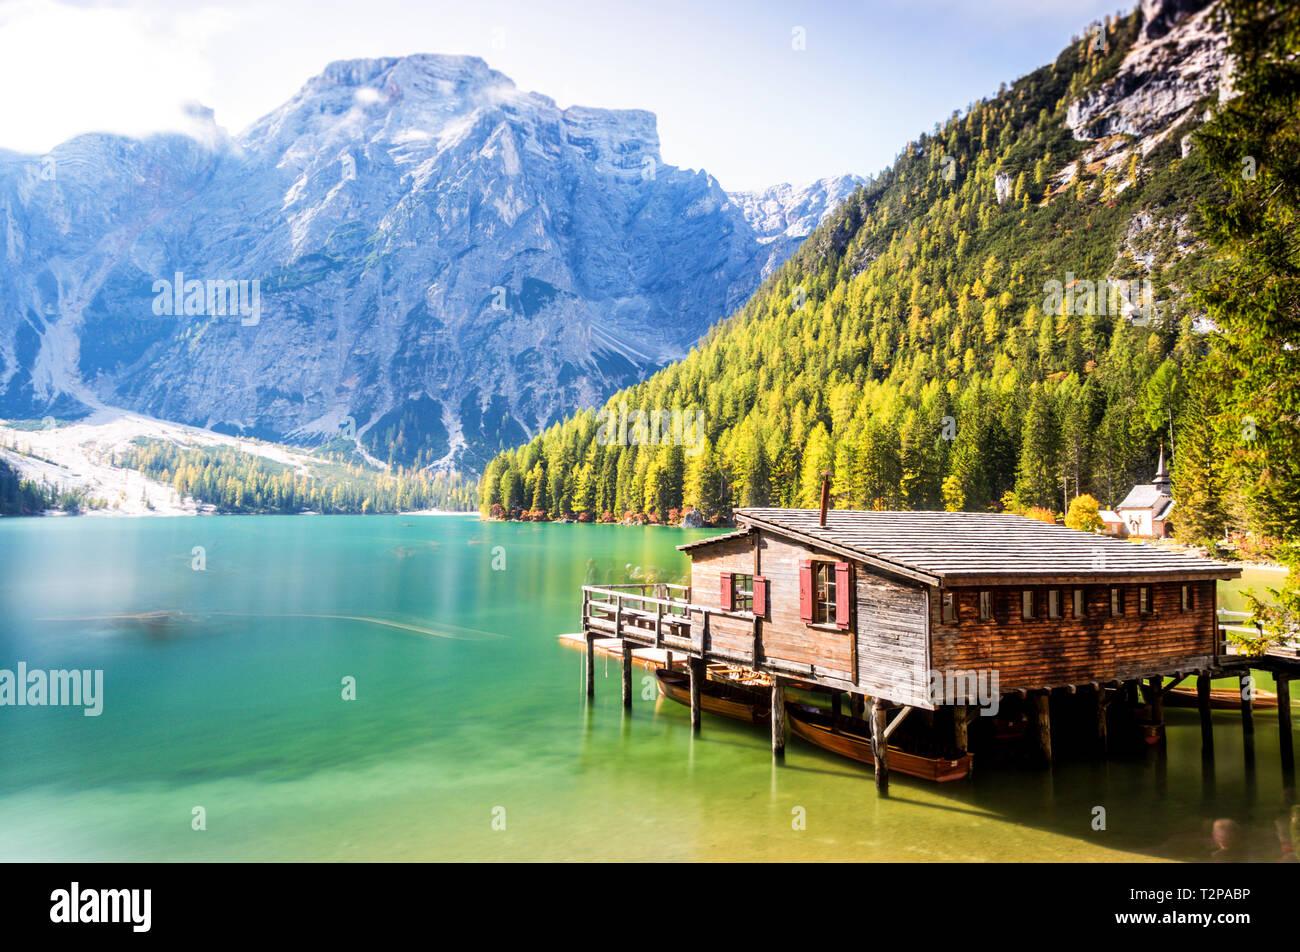 Nordinsel Ital'ys Dolomiten, Regionen und Seen nicht enttäuschen wie das herrliche Lago di braies mit den grünsten Gewässer, die ich je gesehen habe Stockbild